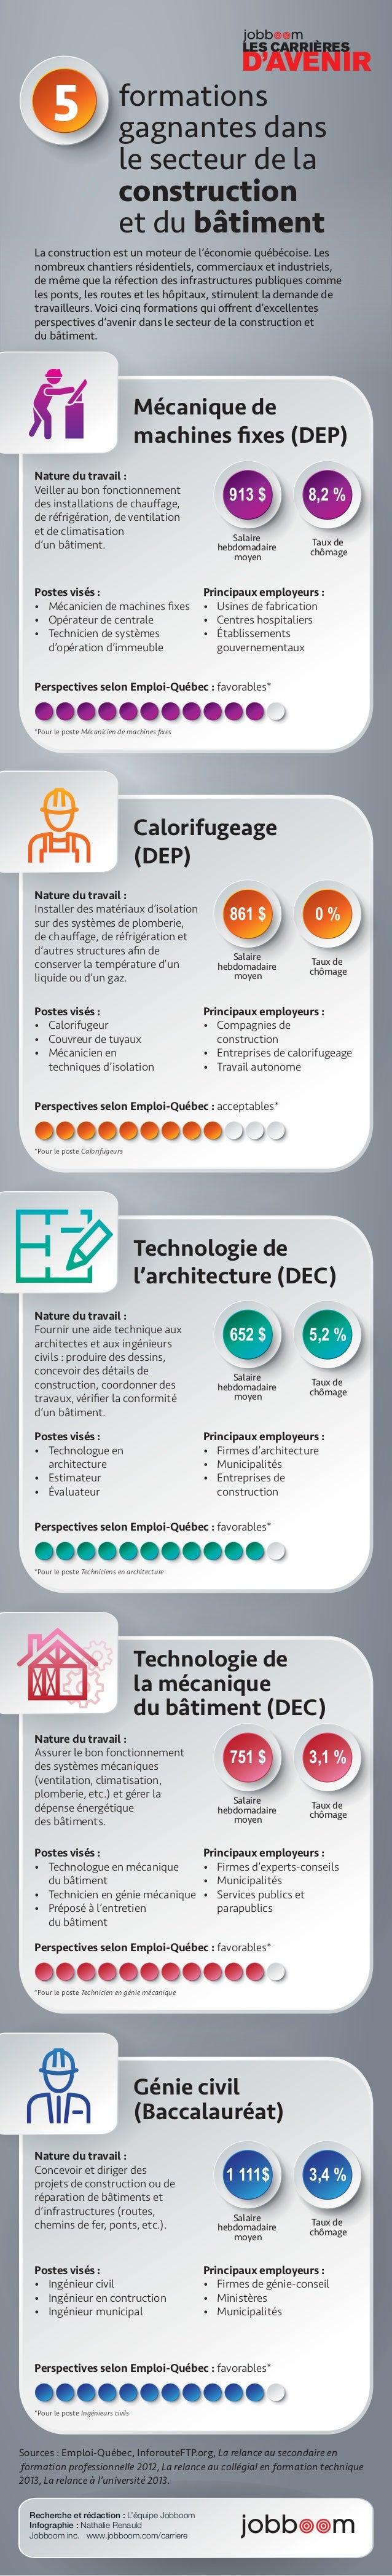 5  Mécanique de  machines fixes (DEP)  913 $ 8,2 %  Salaire  hebdomadaire  moyen  Principaux employeurs :  • Usines de fab...